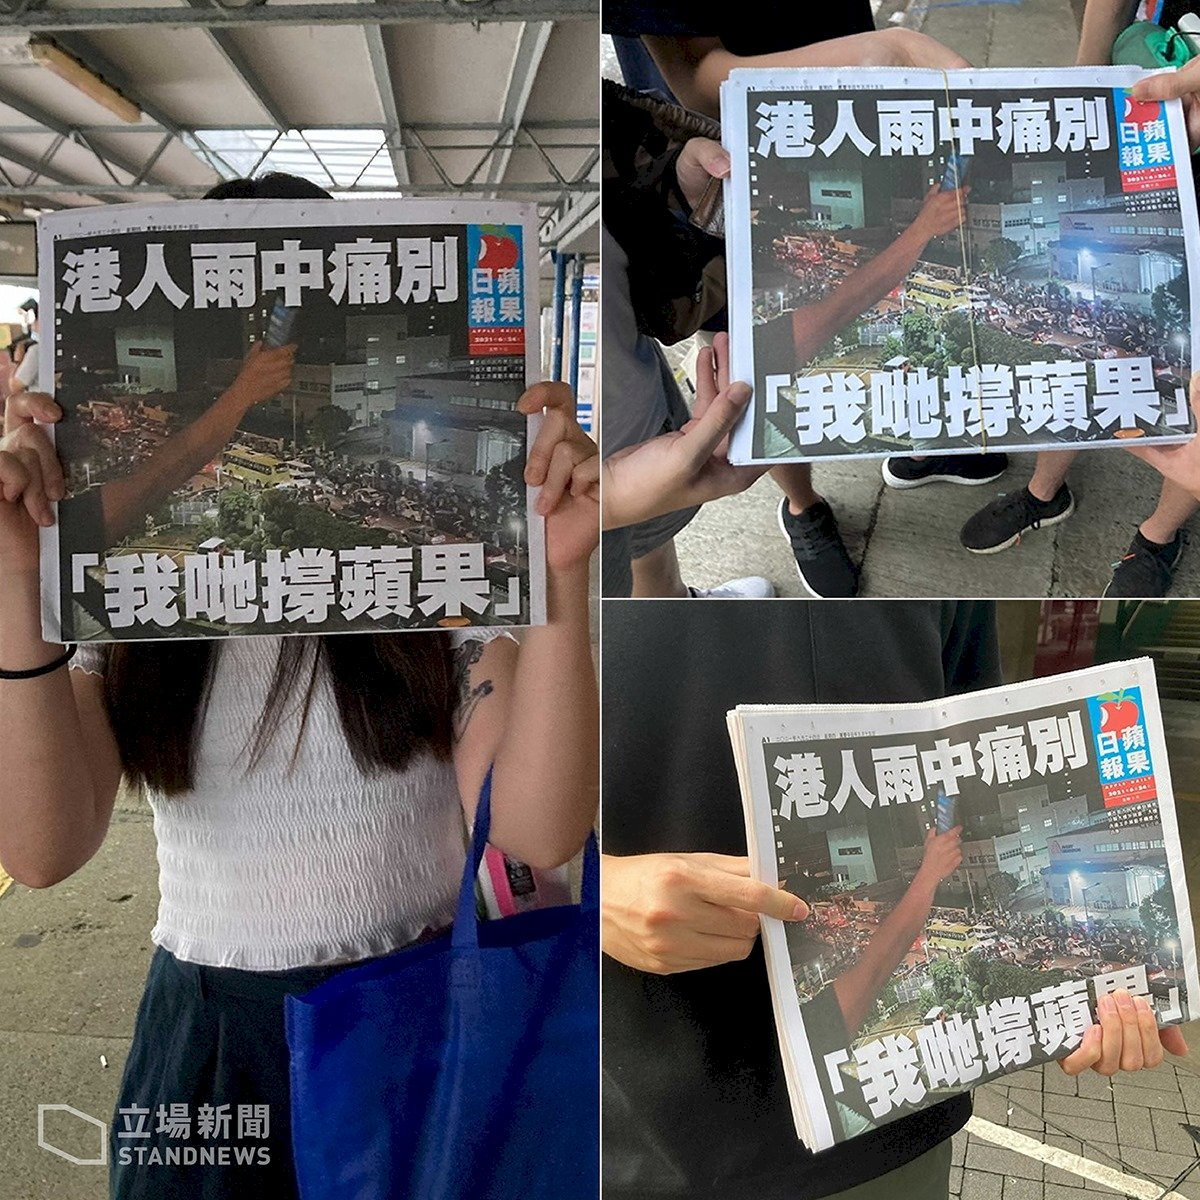 中國發表人權白皮書、習近平要求黨員永不叛黨、矢板明夫談在中國聽境外廣播的經驗